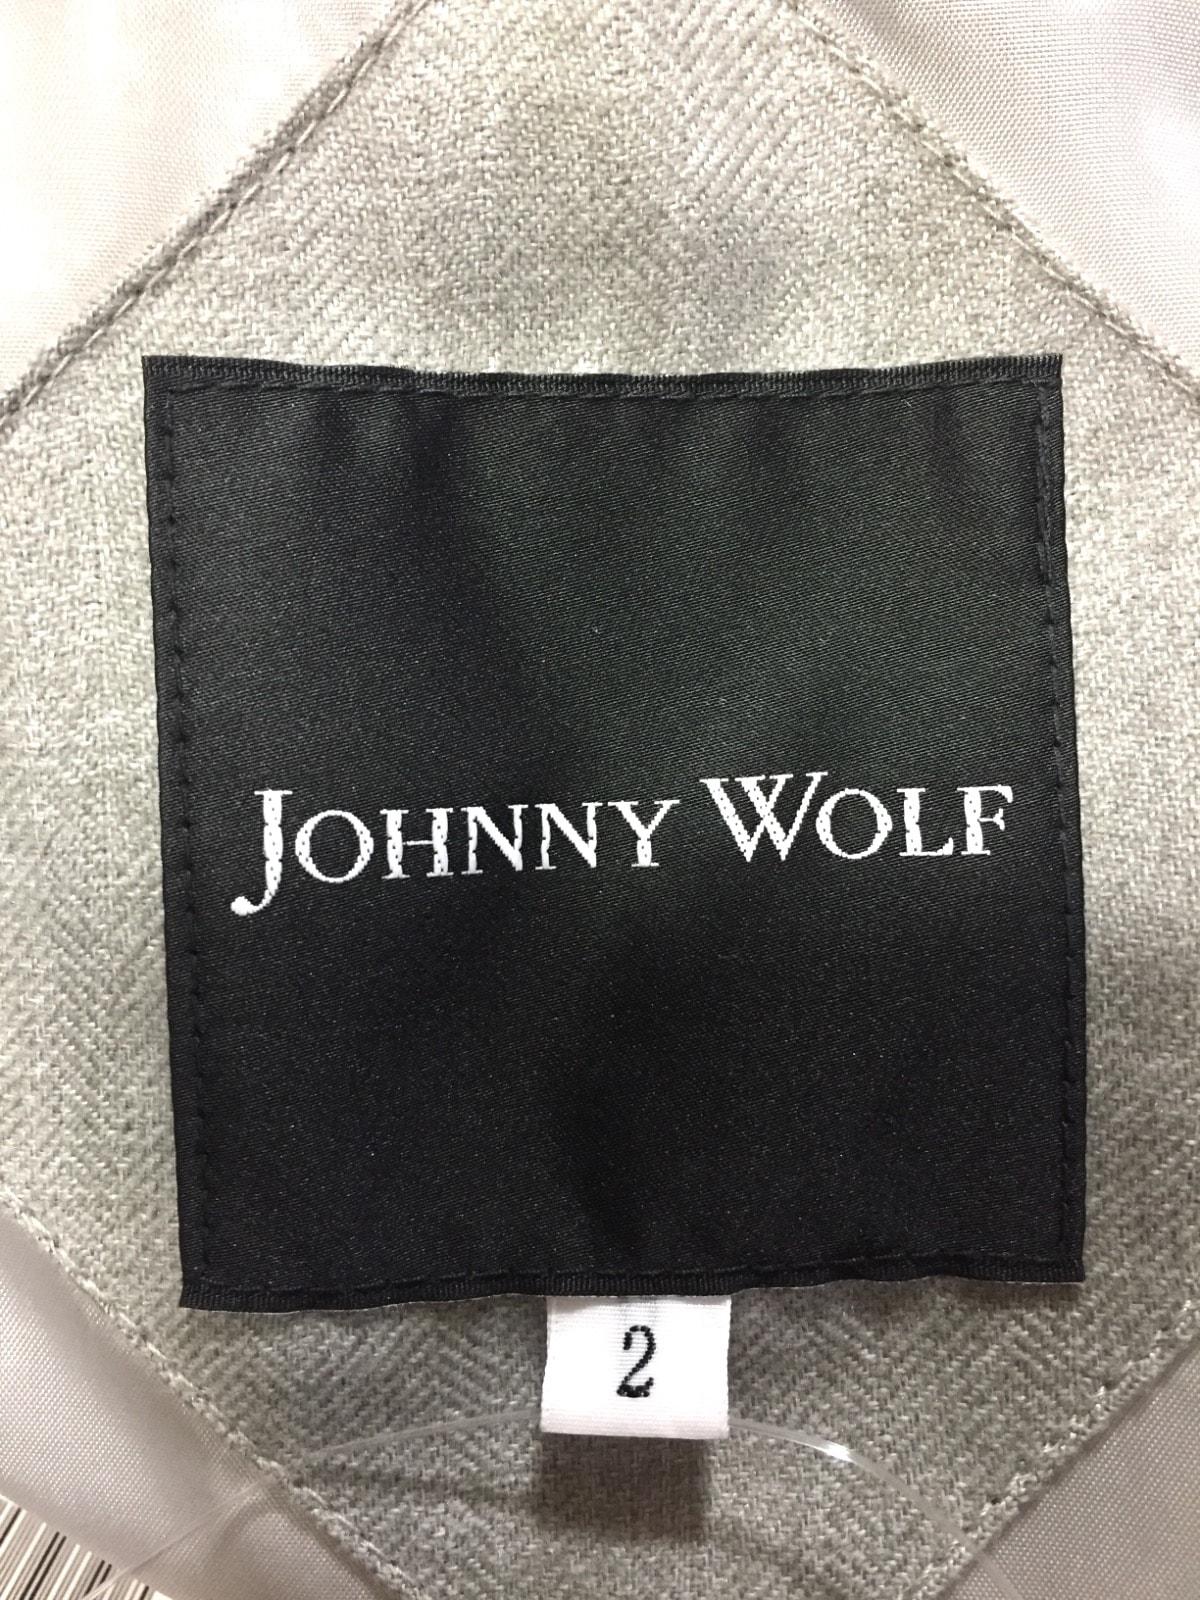 JOHNNY WOLF(ジョニーウルフ)のダウンジャケット